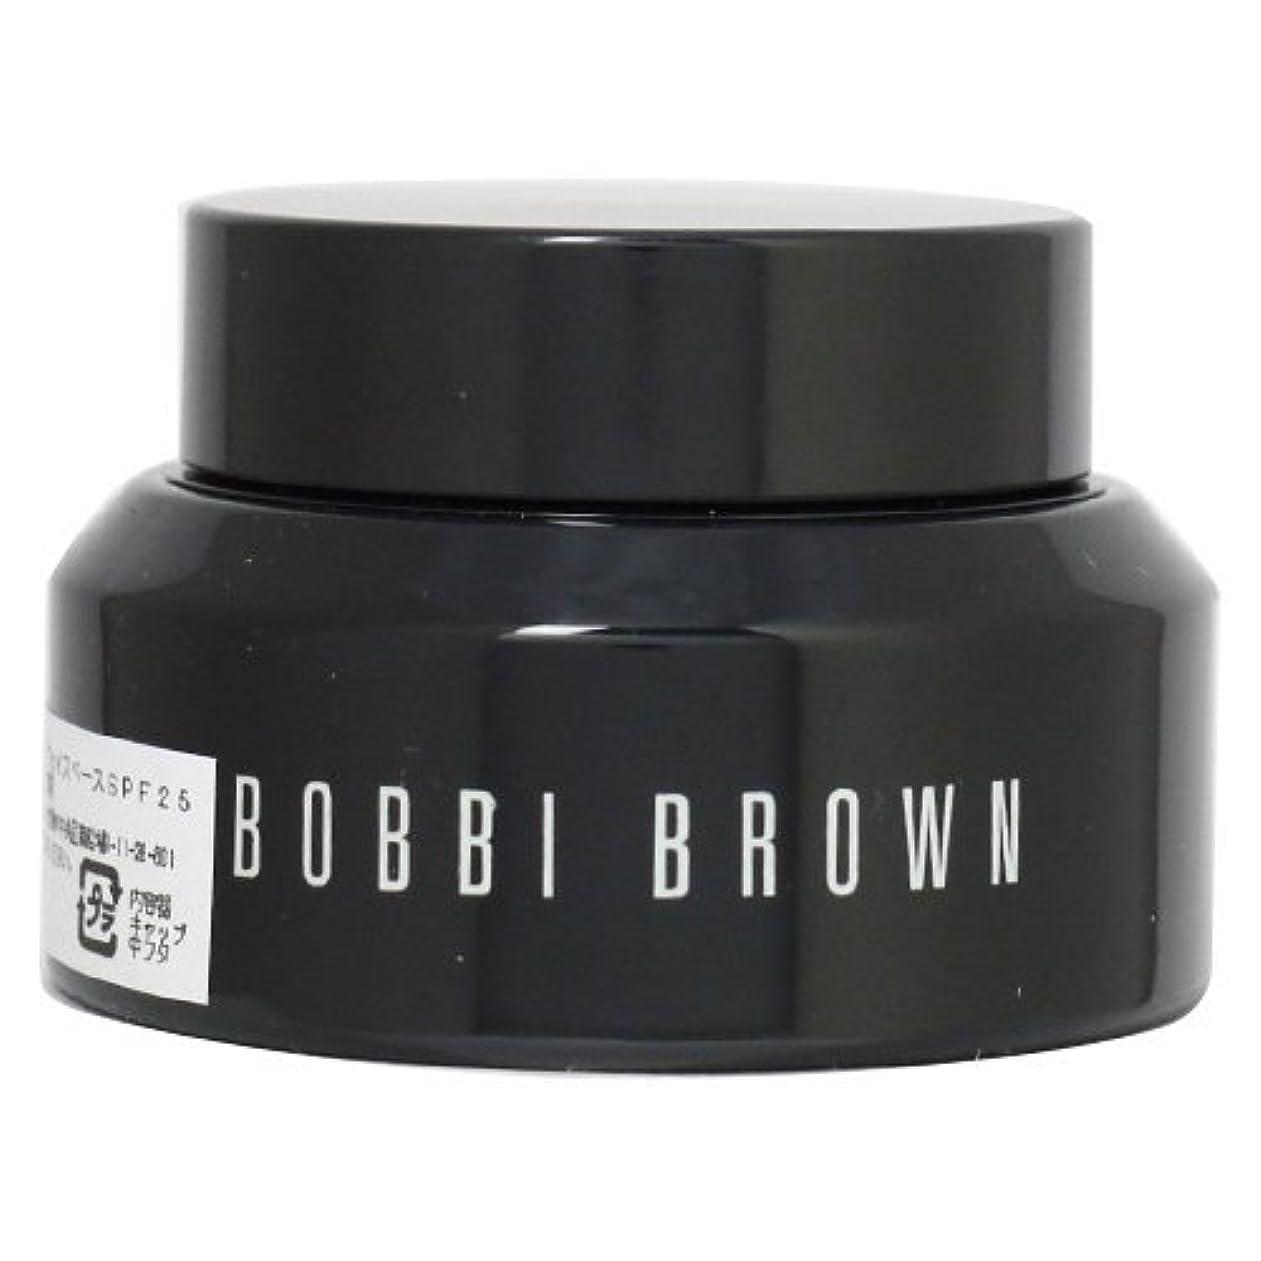 変更法令許可するボビーブラウン(BOBBI BROWN) イルミネイティング フェイスベース 30ml [並行輸入品]